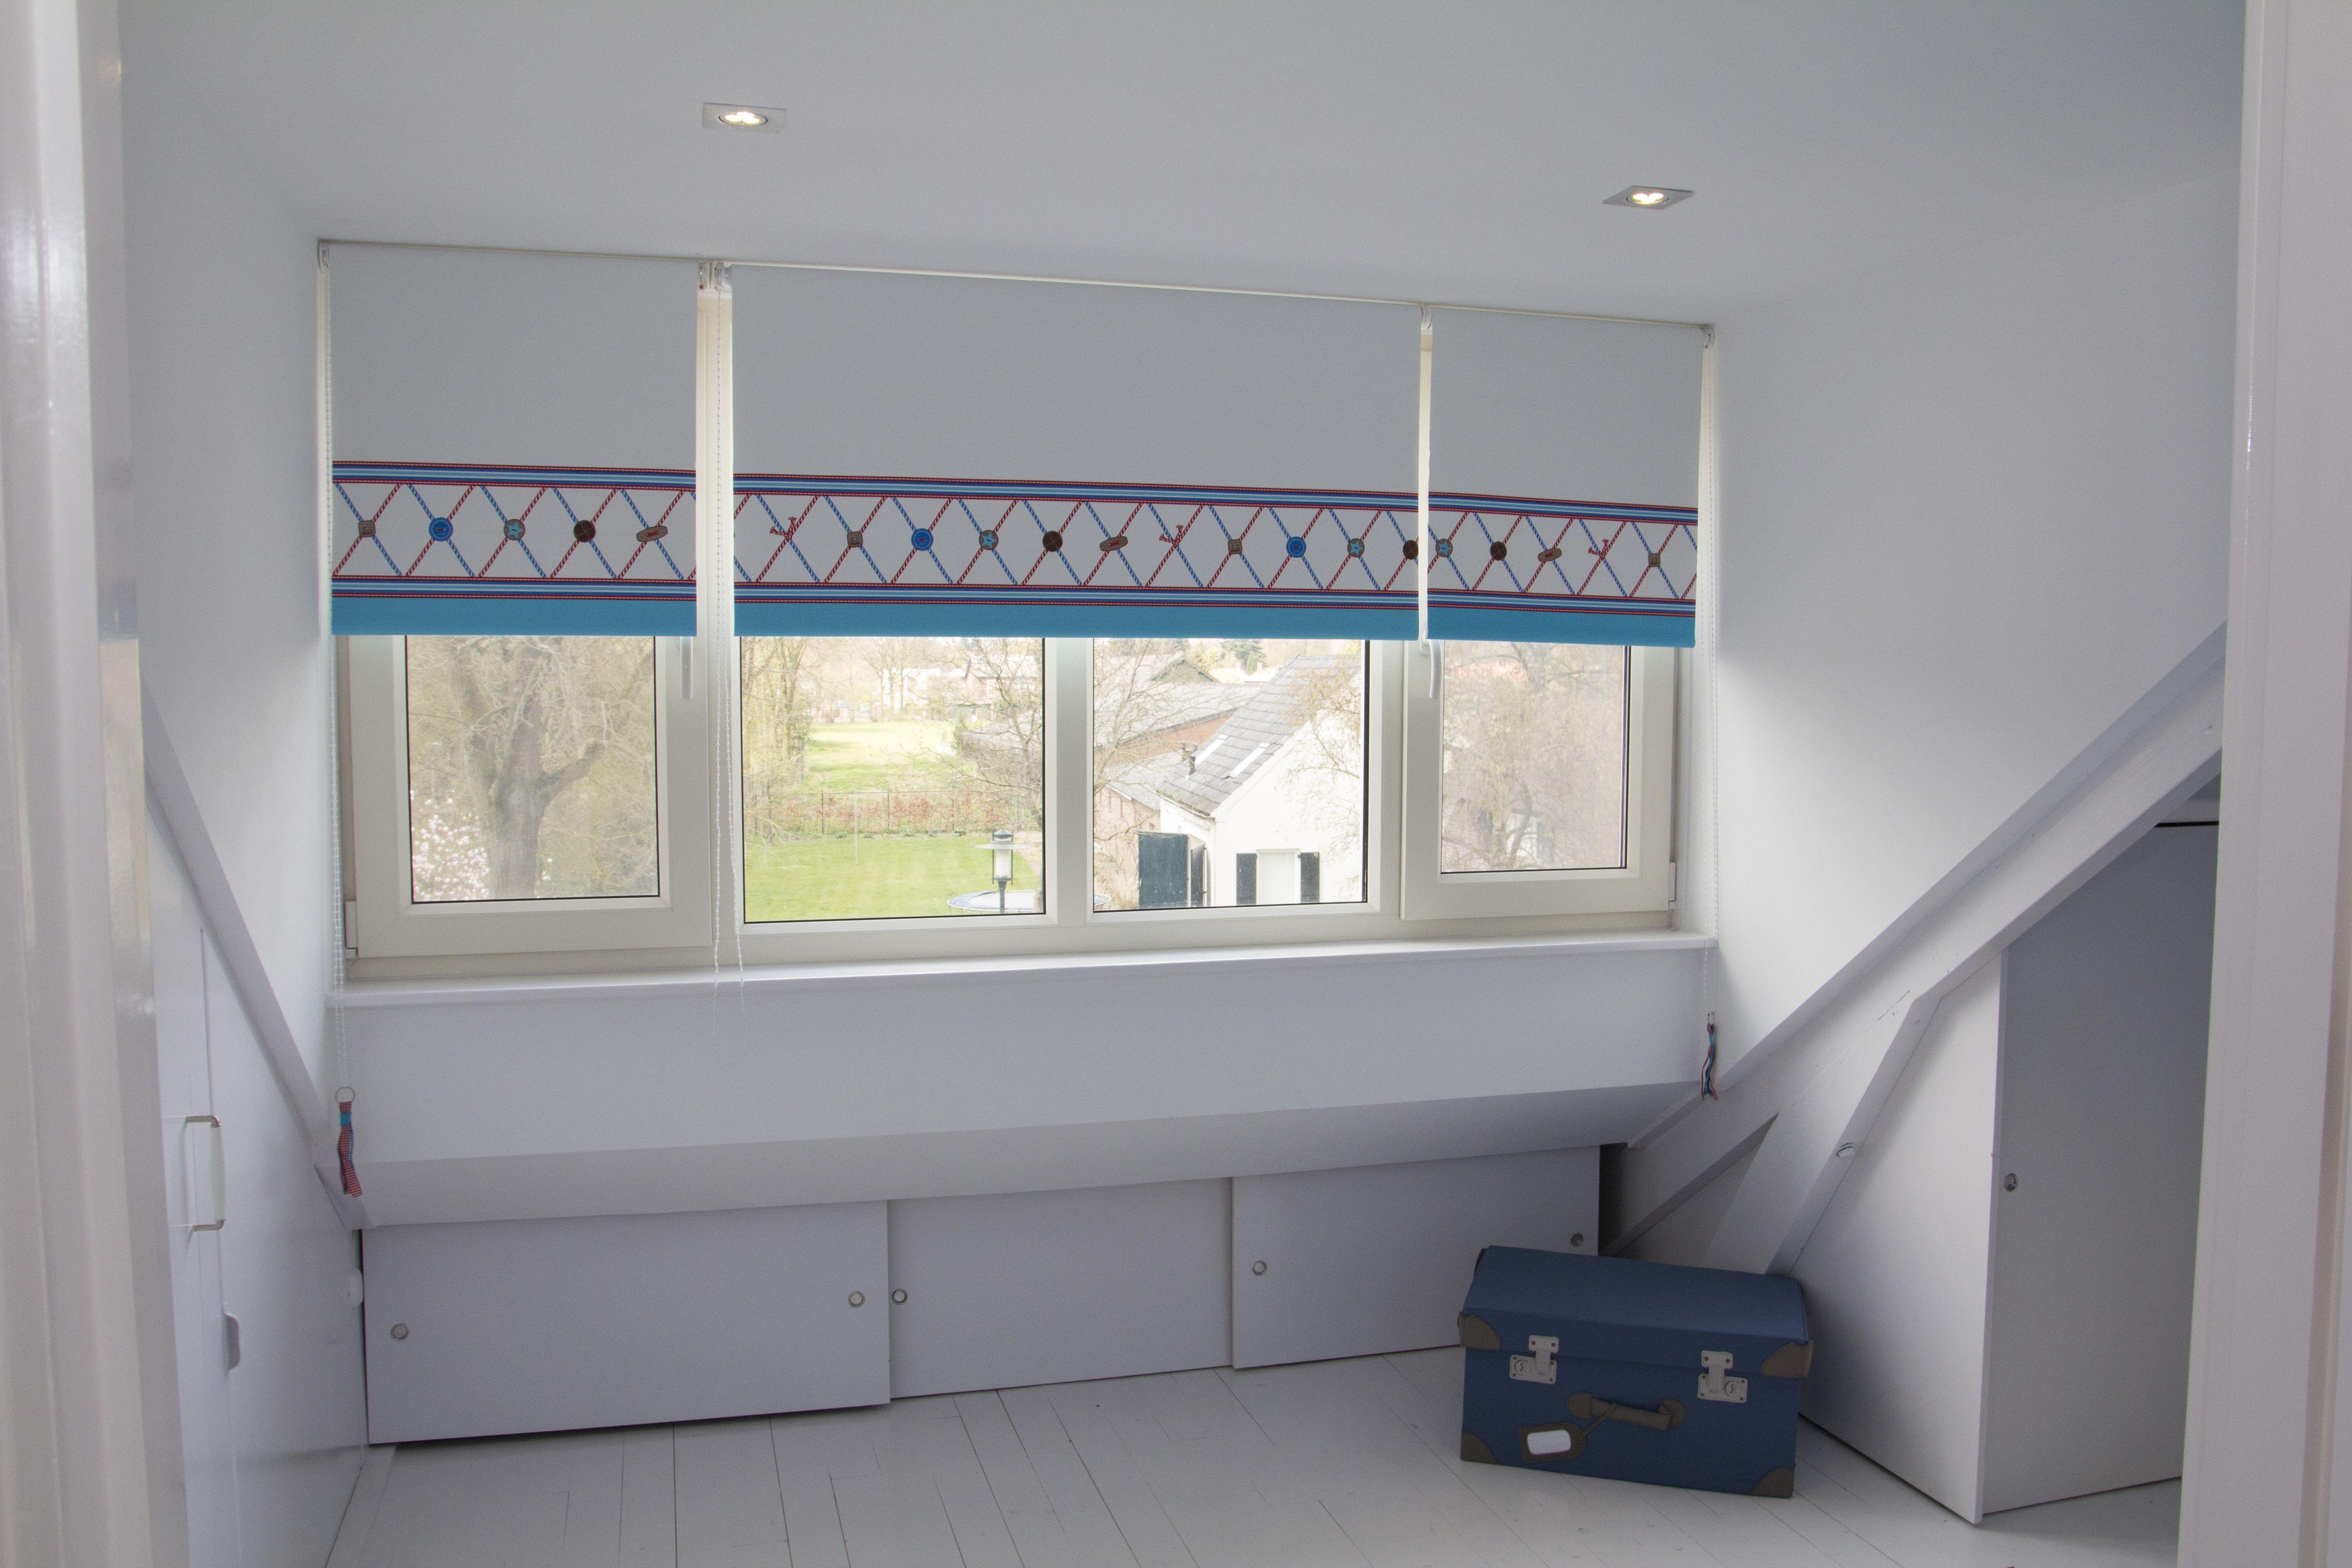 De dakkapellen en kozijnen specialist in Tilburg in 2019